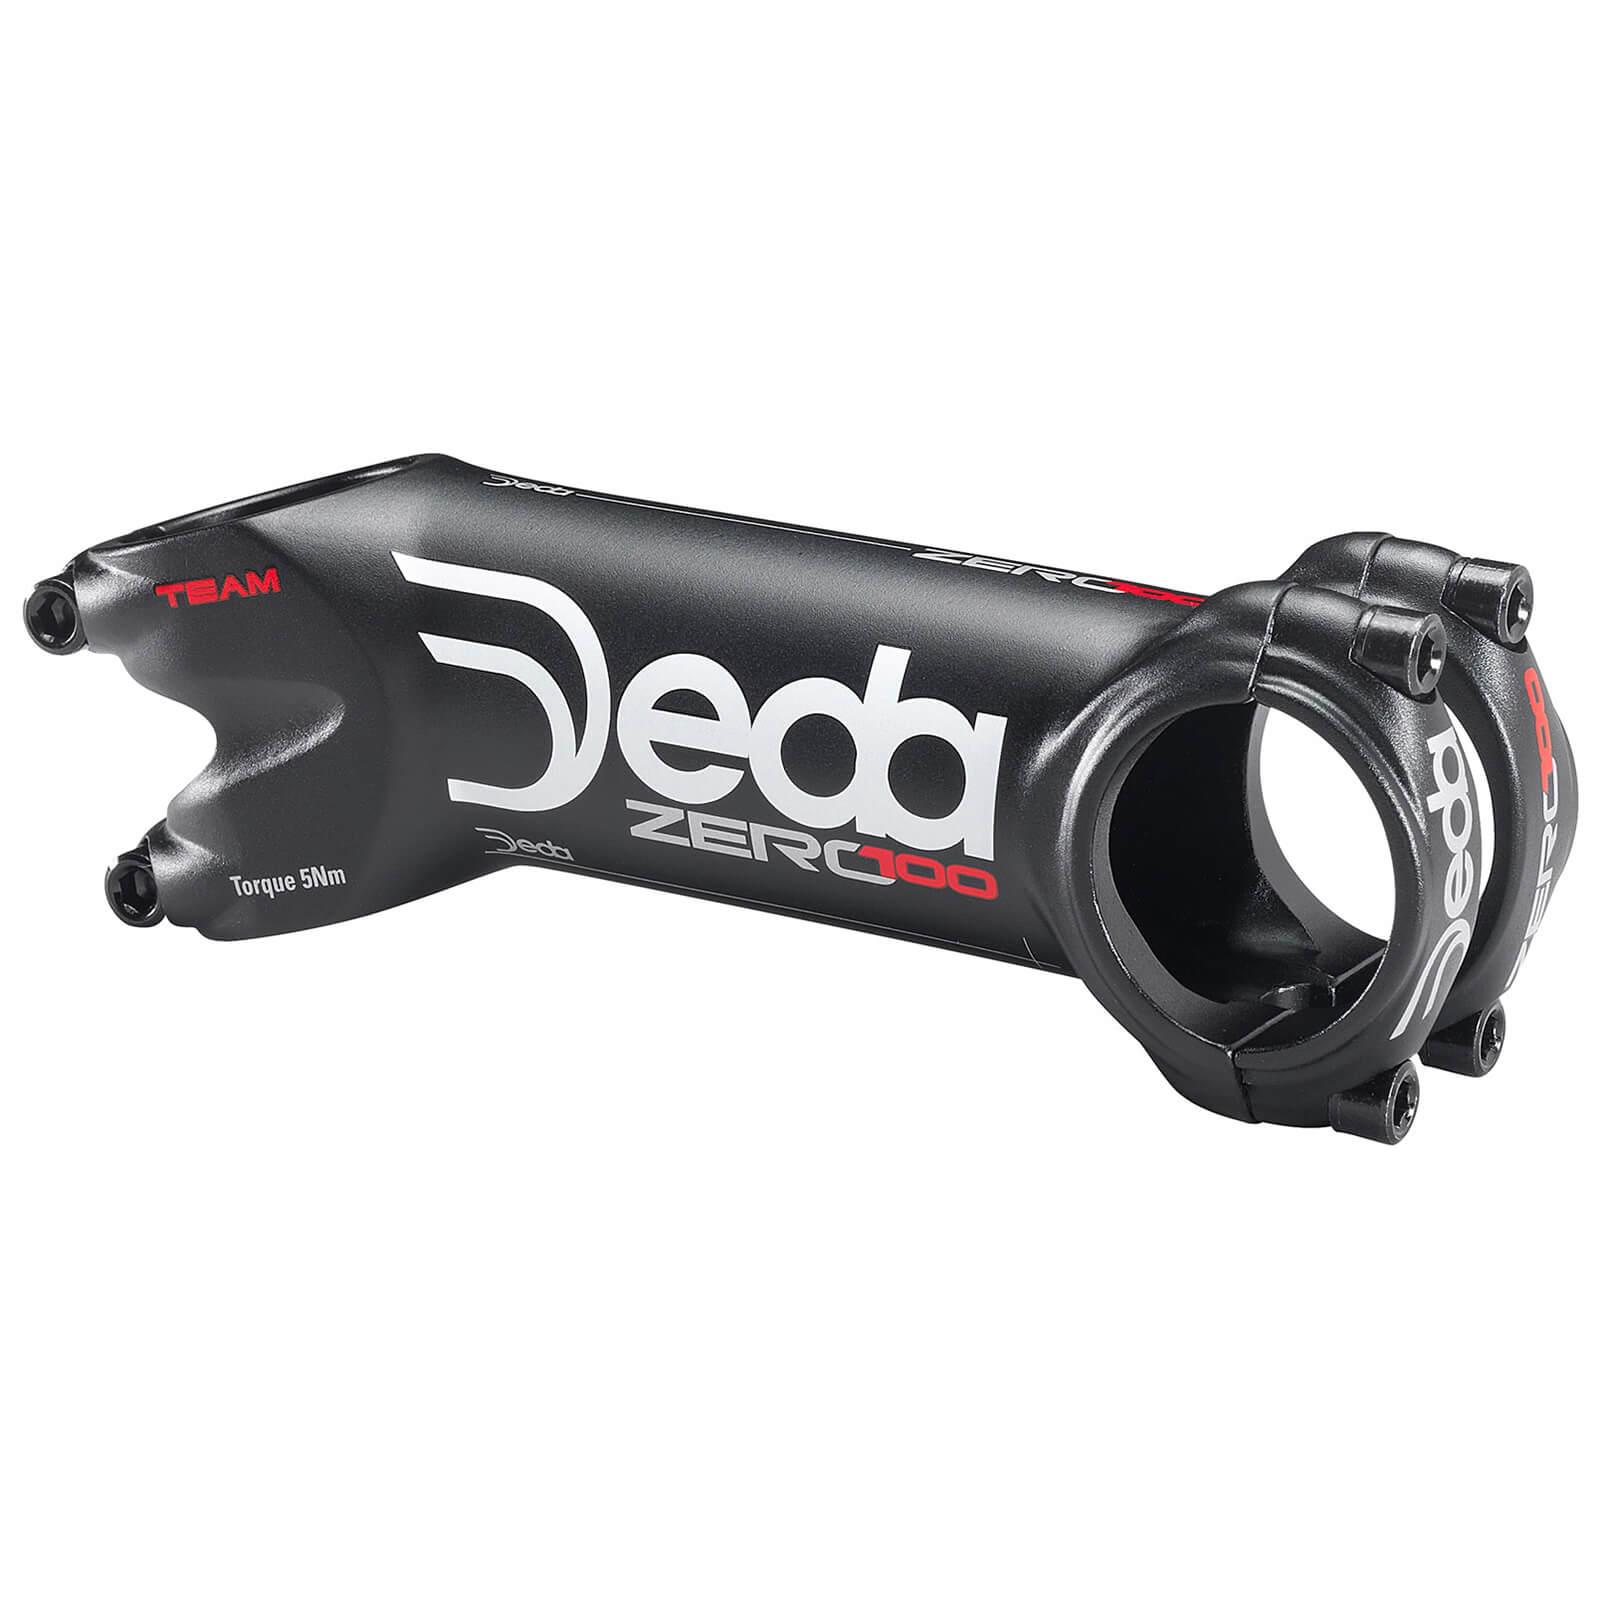 Deda Zero1 Stem - 110mm - Black